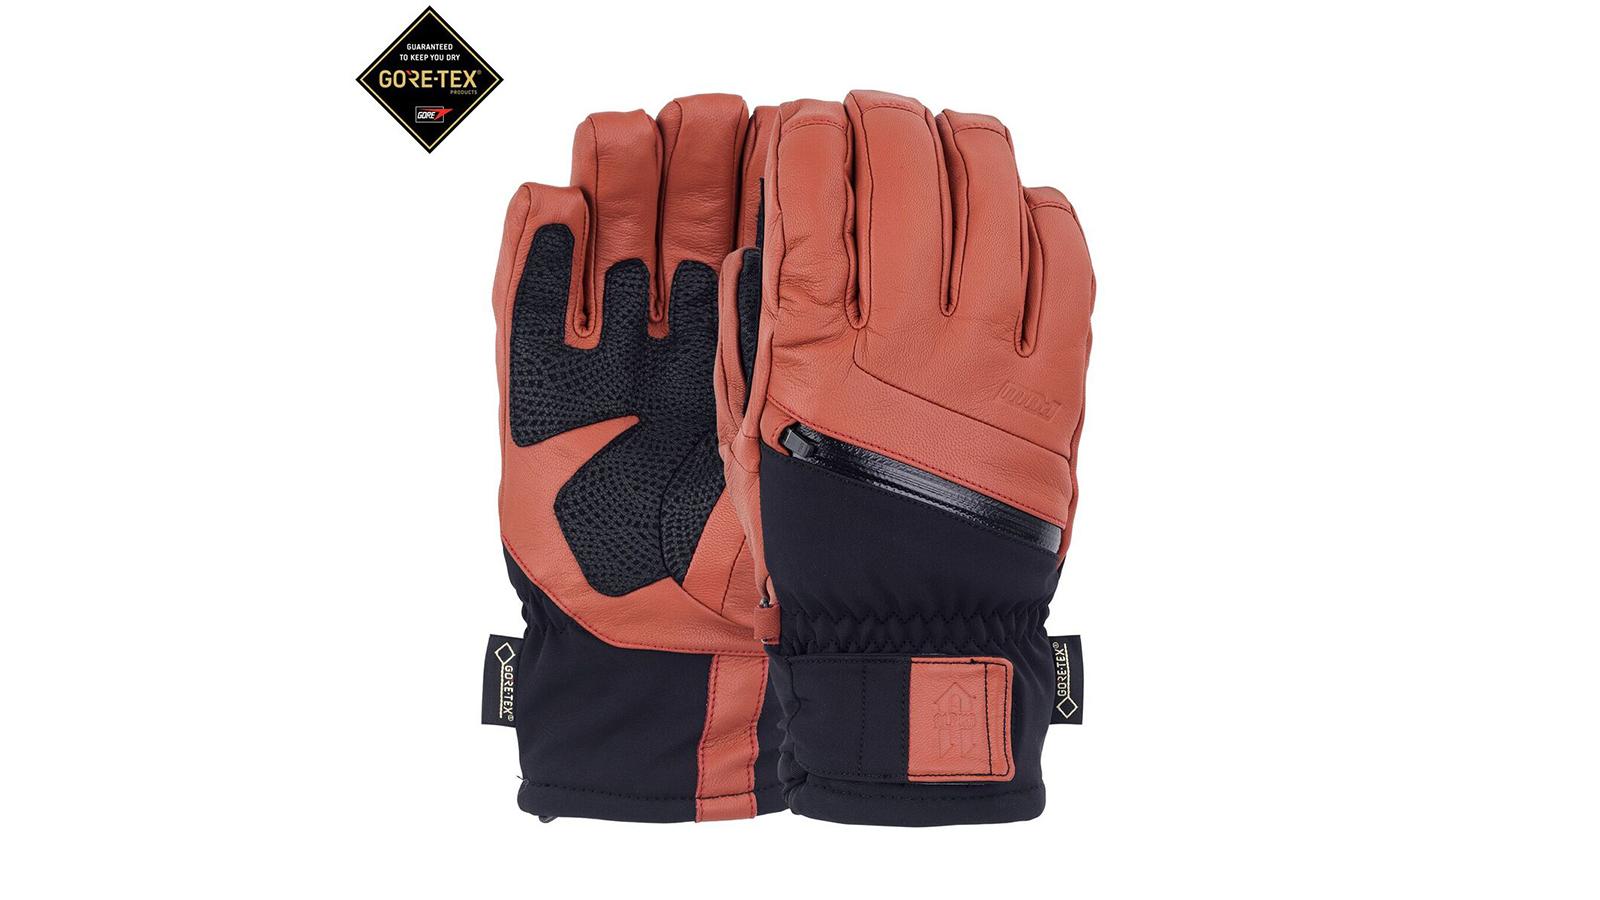 Pow alpha g auburn gloves